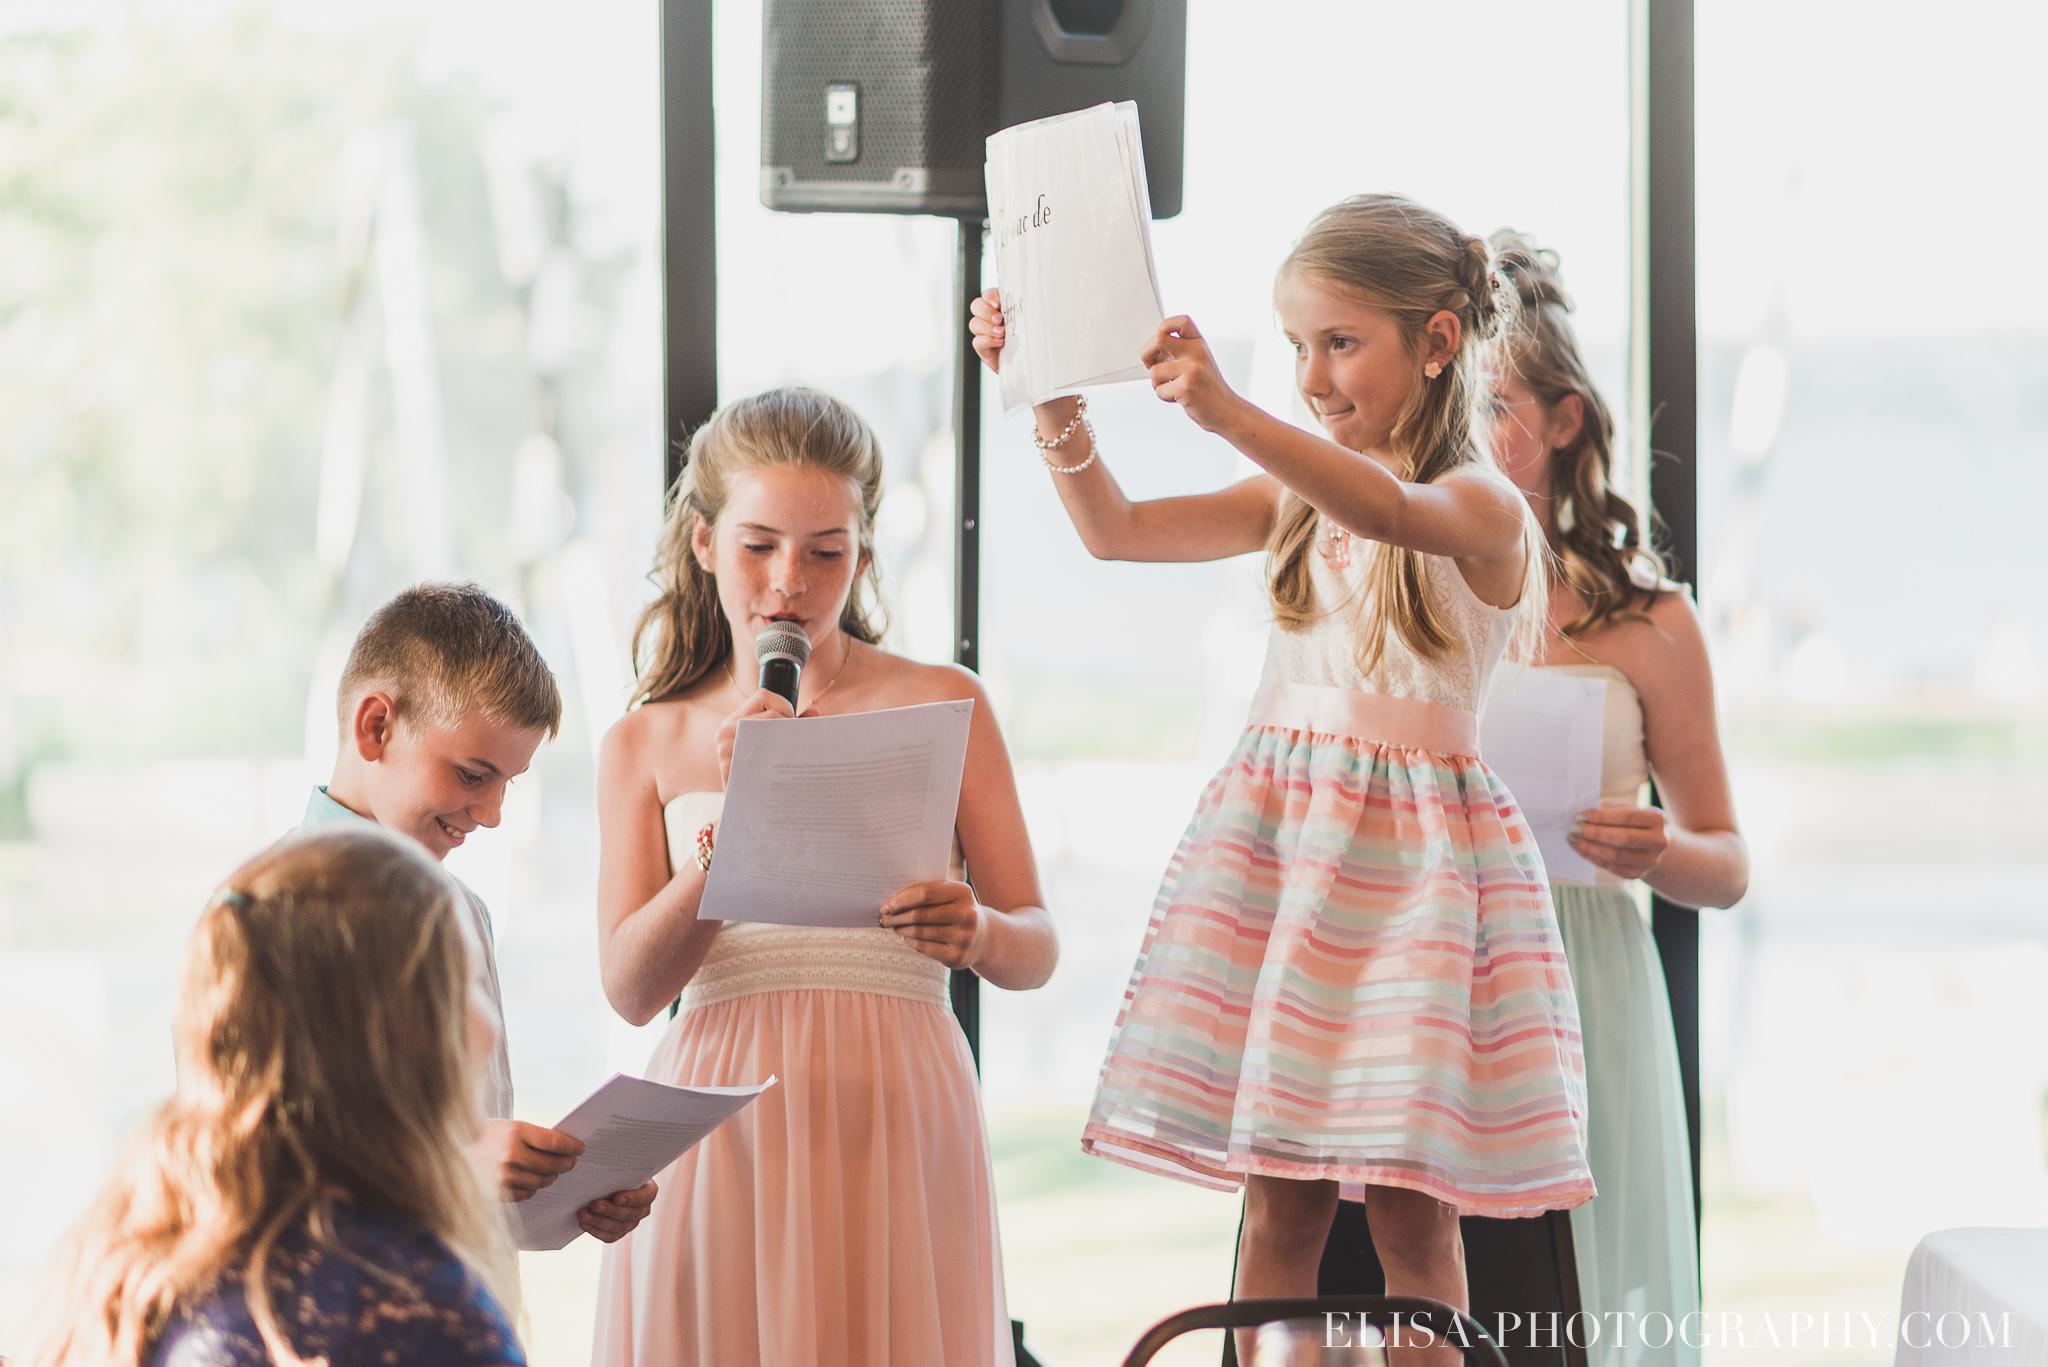 photo mariage quebec baie beauport reception fete danse des maries jeux soulier 8725 - Mariage à la plage de la baie de Beauport